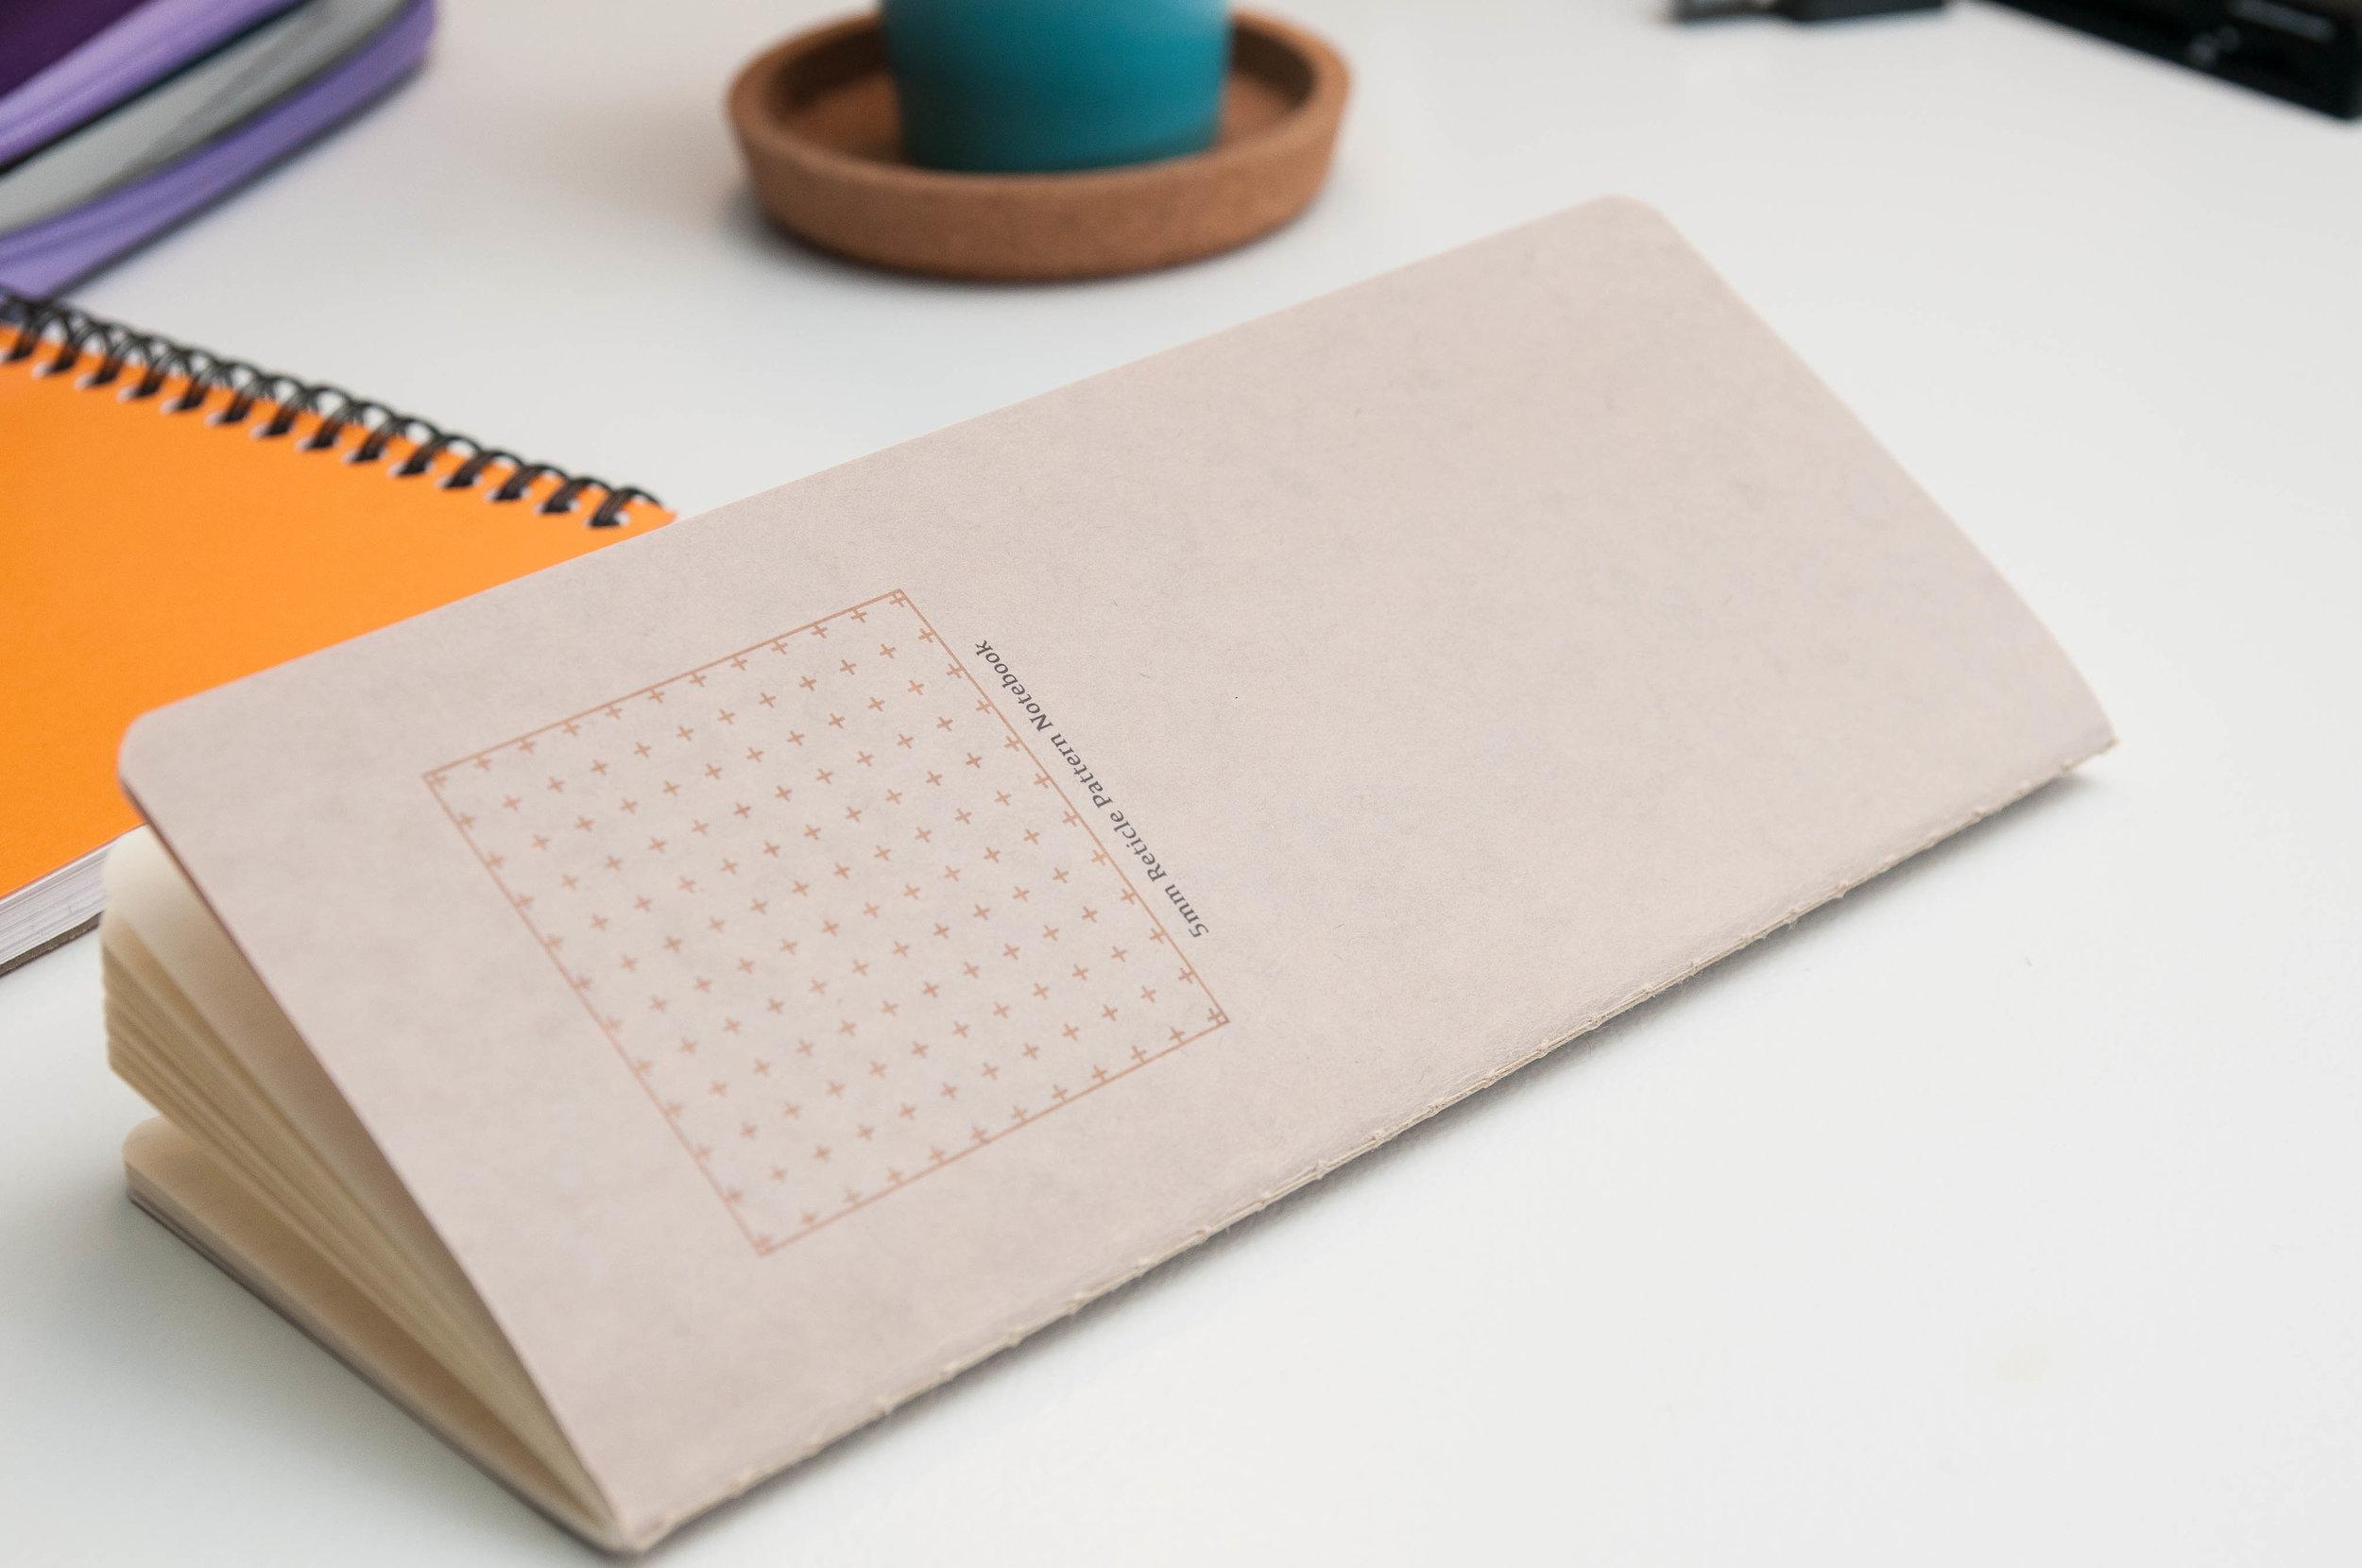 Yamamoto Ro-Biki Reticle Notebook Cover